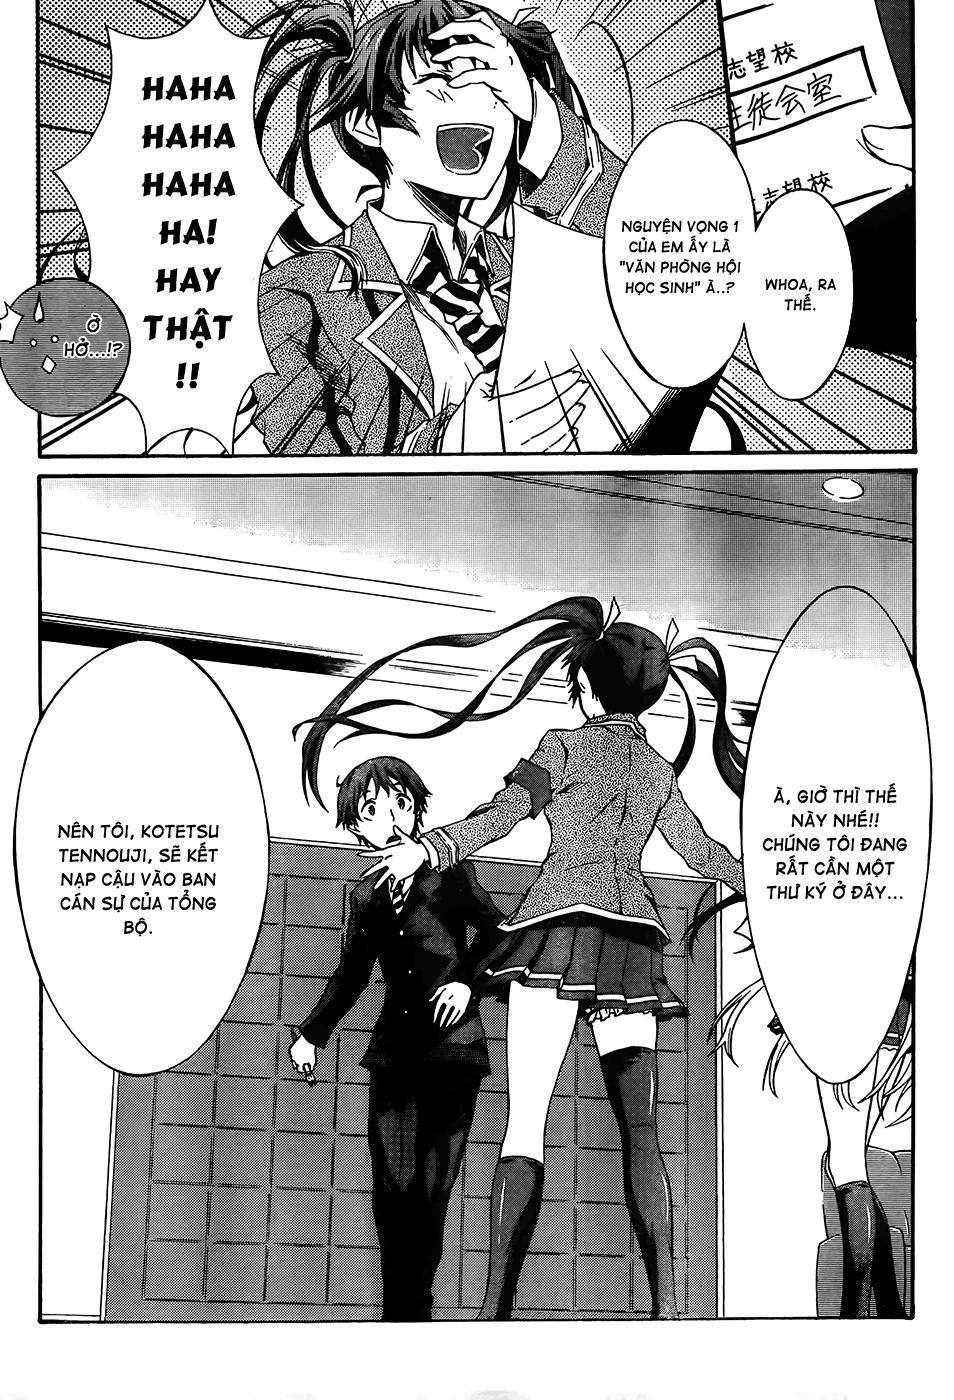 Seitokai Tantei Kirika chap 0 - Trang 29